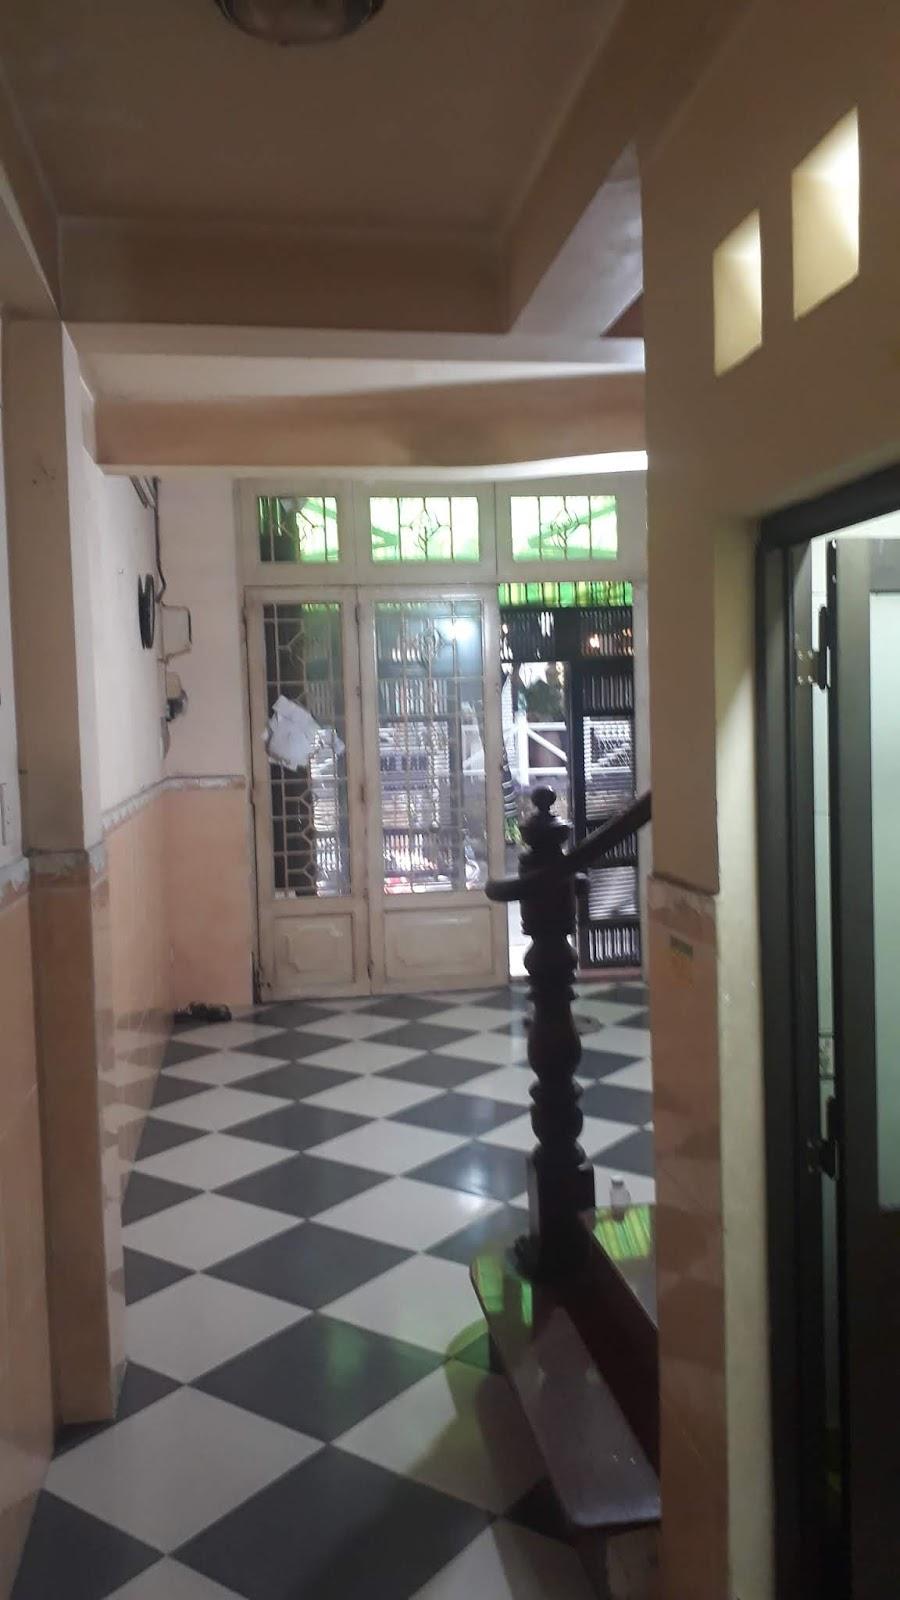 Bán nhà Mặt tiền đường Nguyễn Văn Ngọc phường Tân Thành quận Tân Phú. DT 4x12m